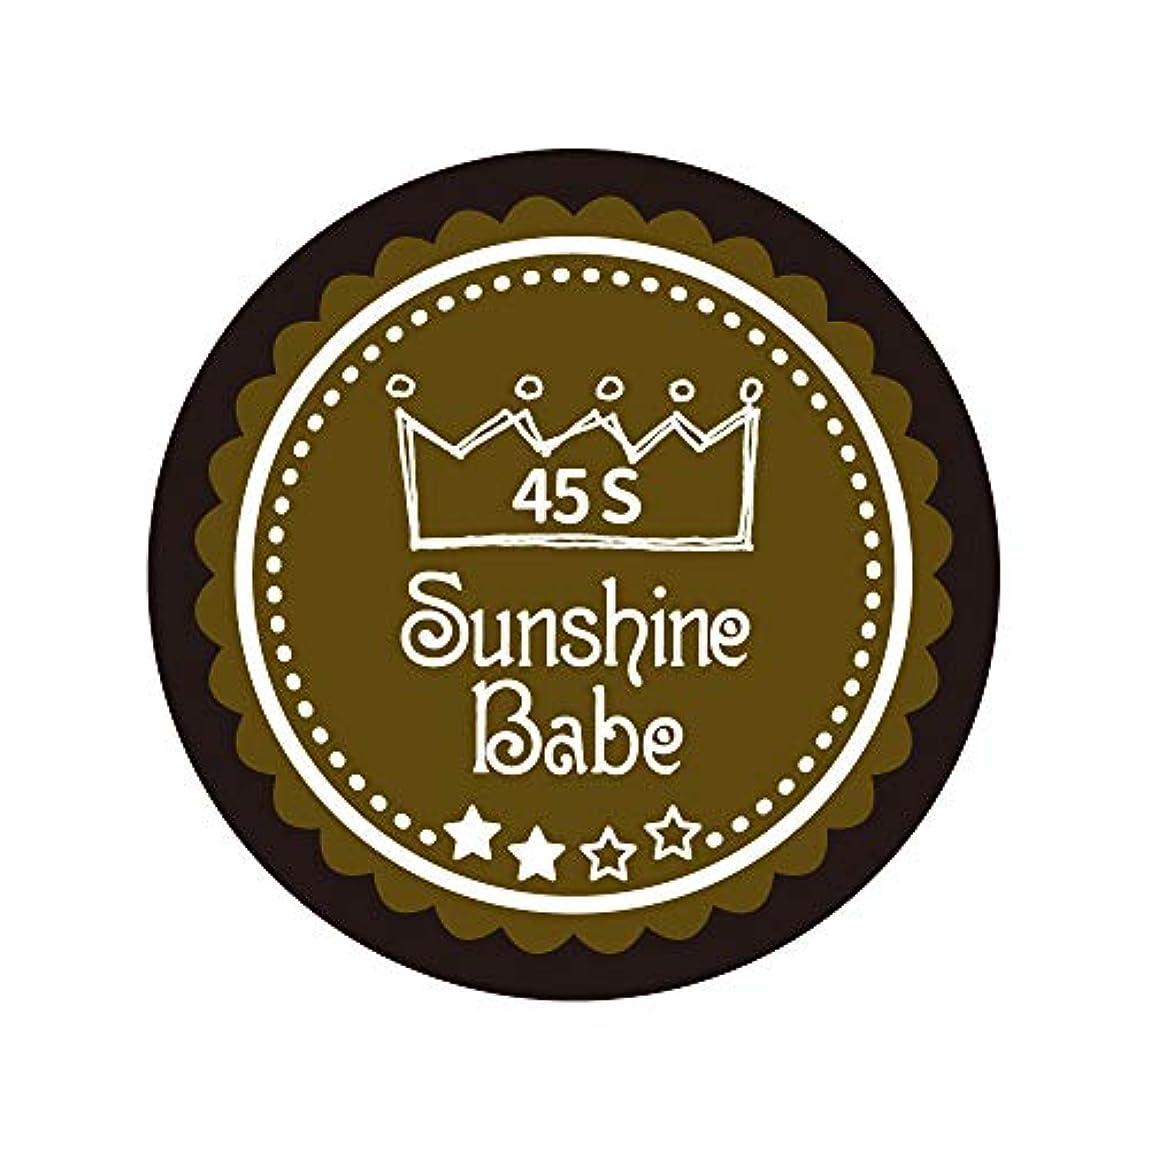 ダイヤルバレエ泳ぐSunshine Babe カラージェル 45S マティーニオリーブ 4g UV/LED対応